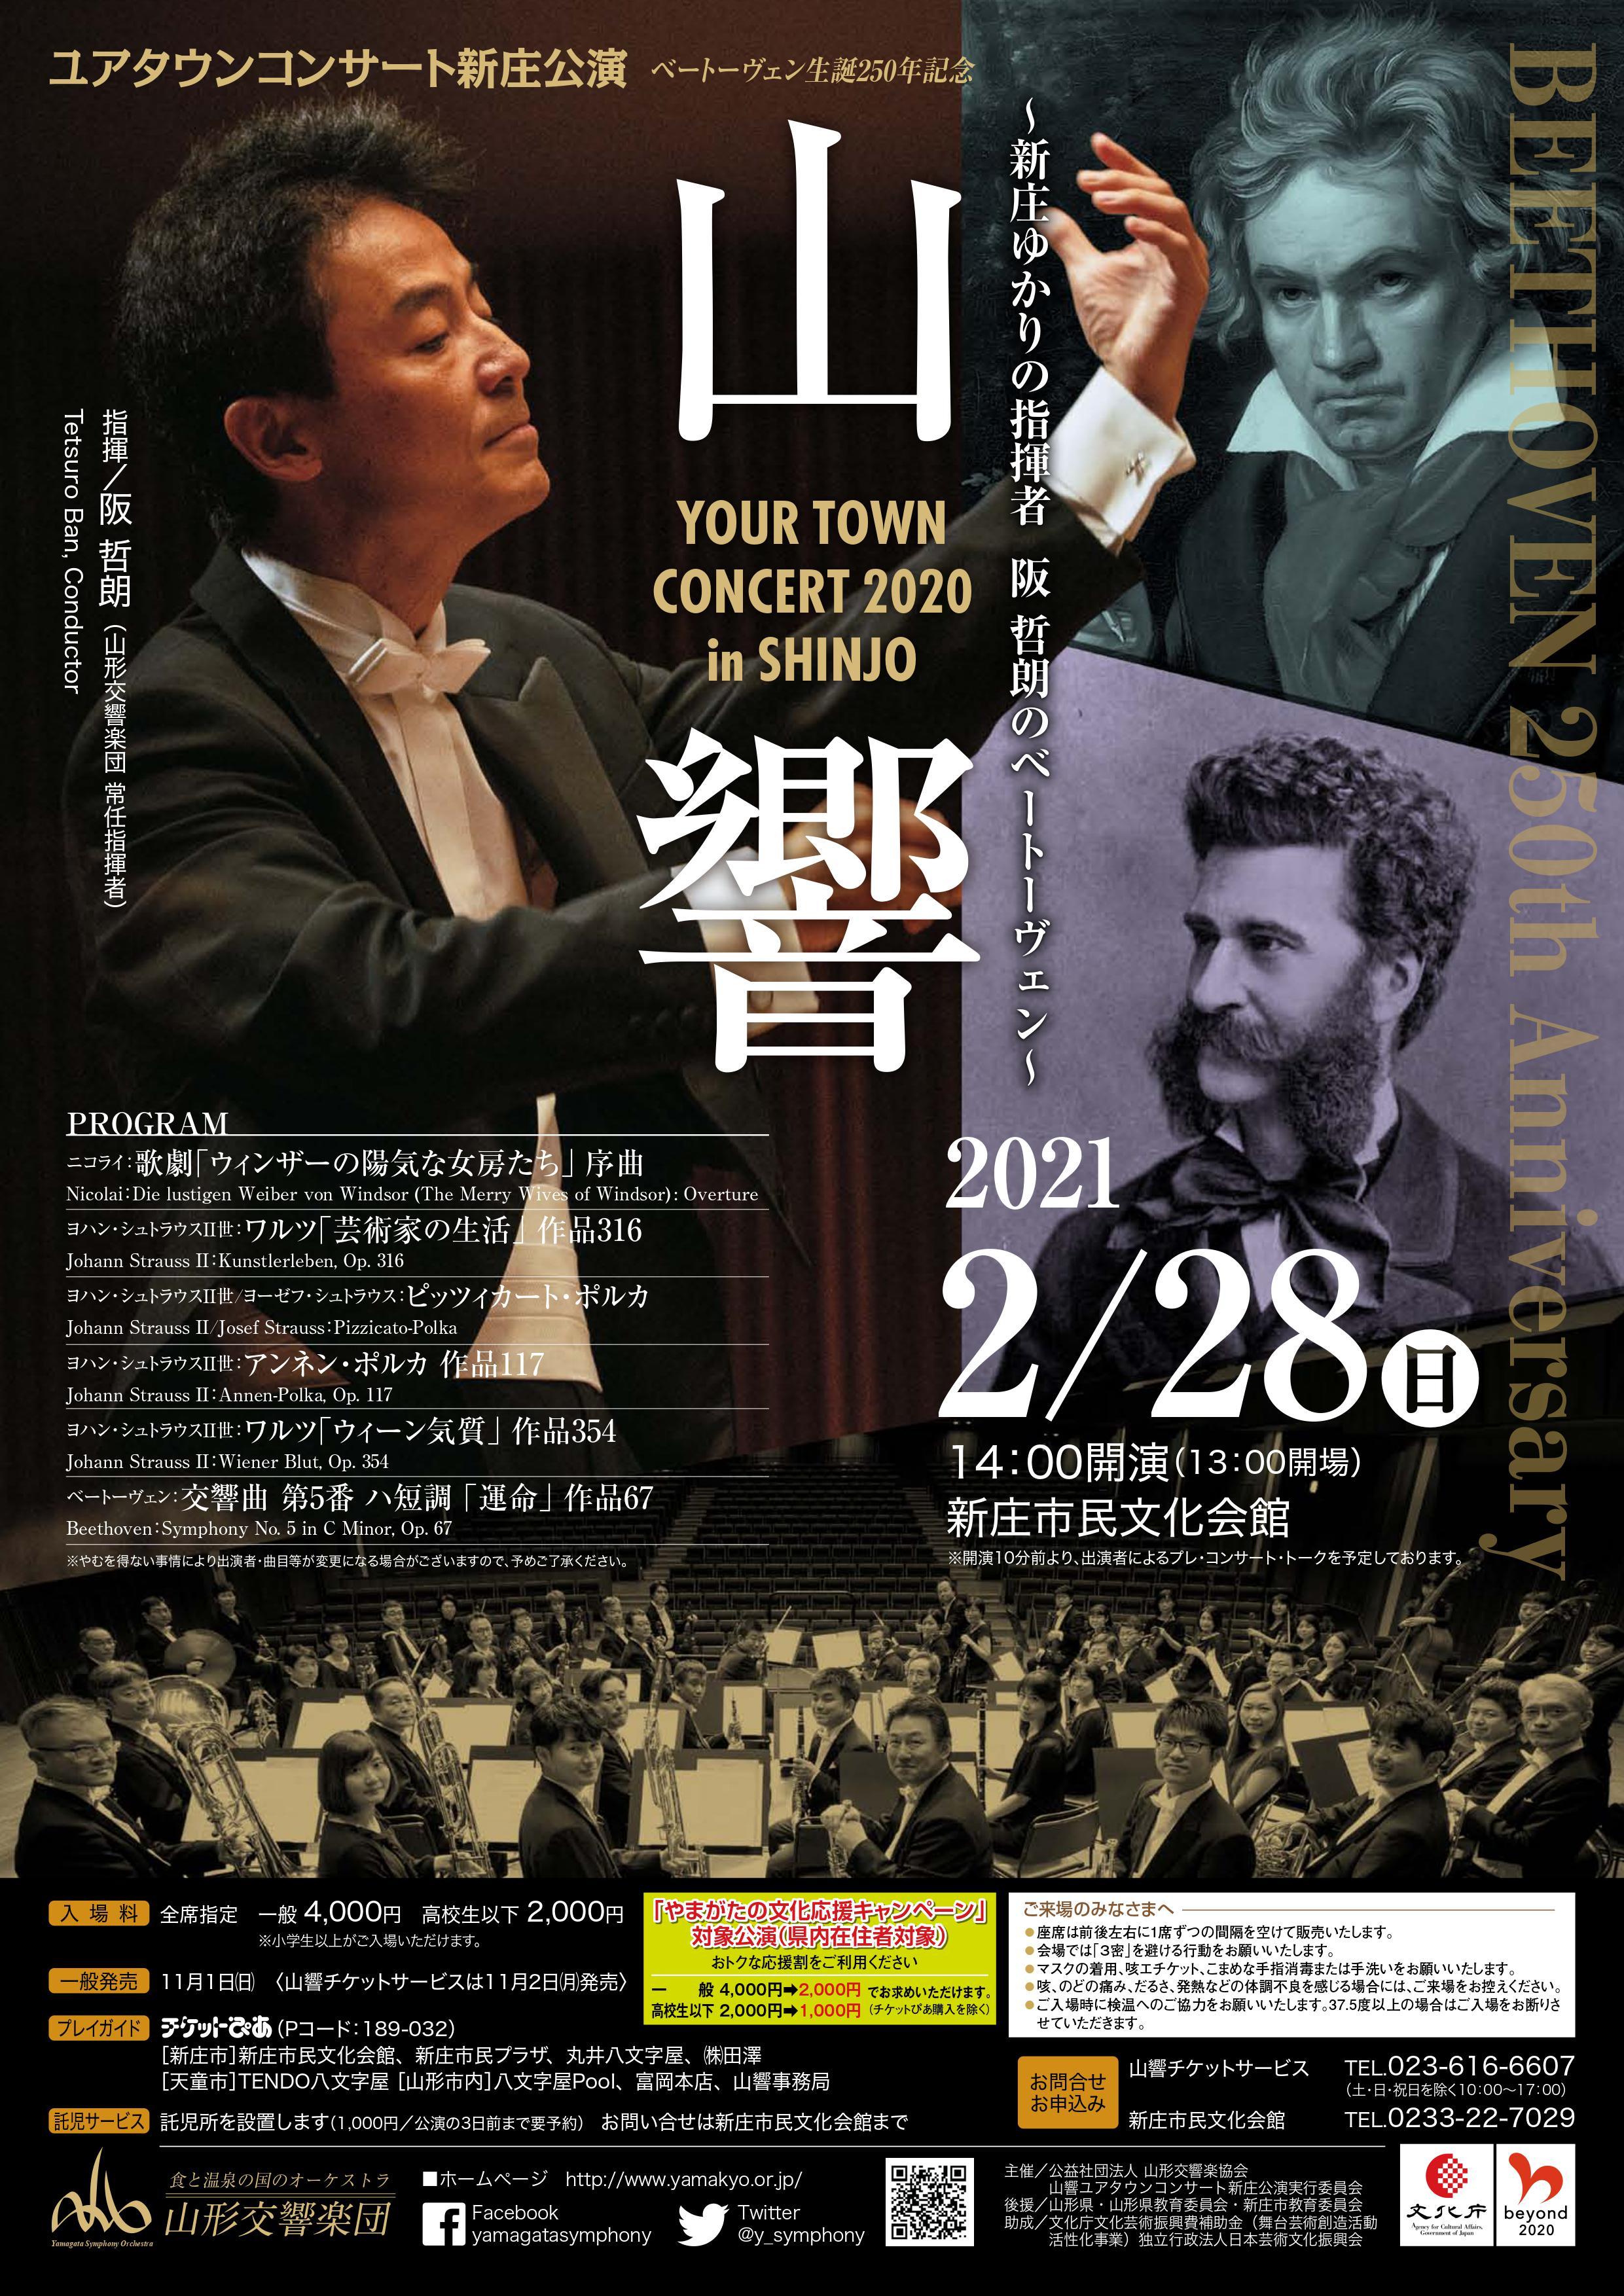 山形交響楽団<br>ユアタウンコンサート新庄公演